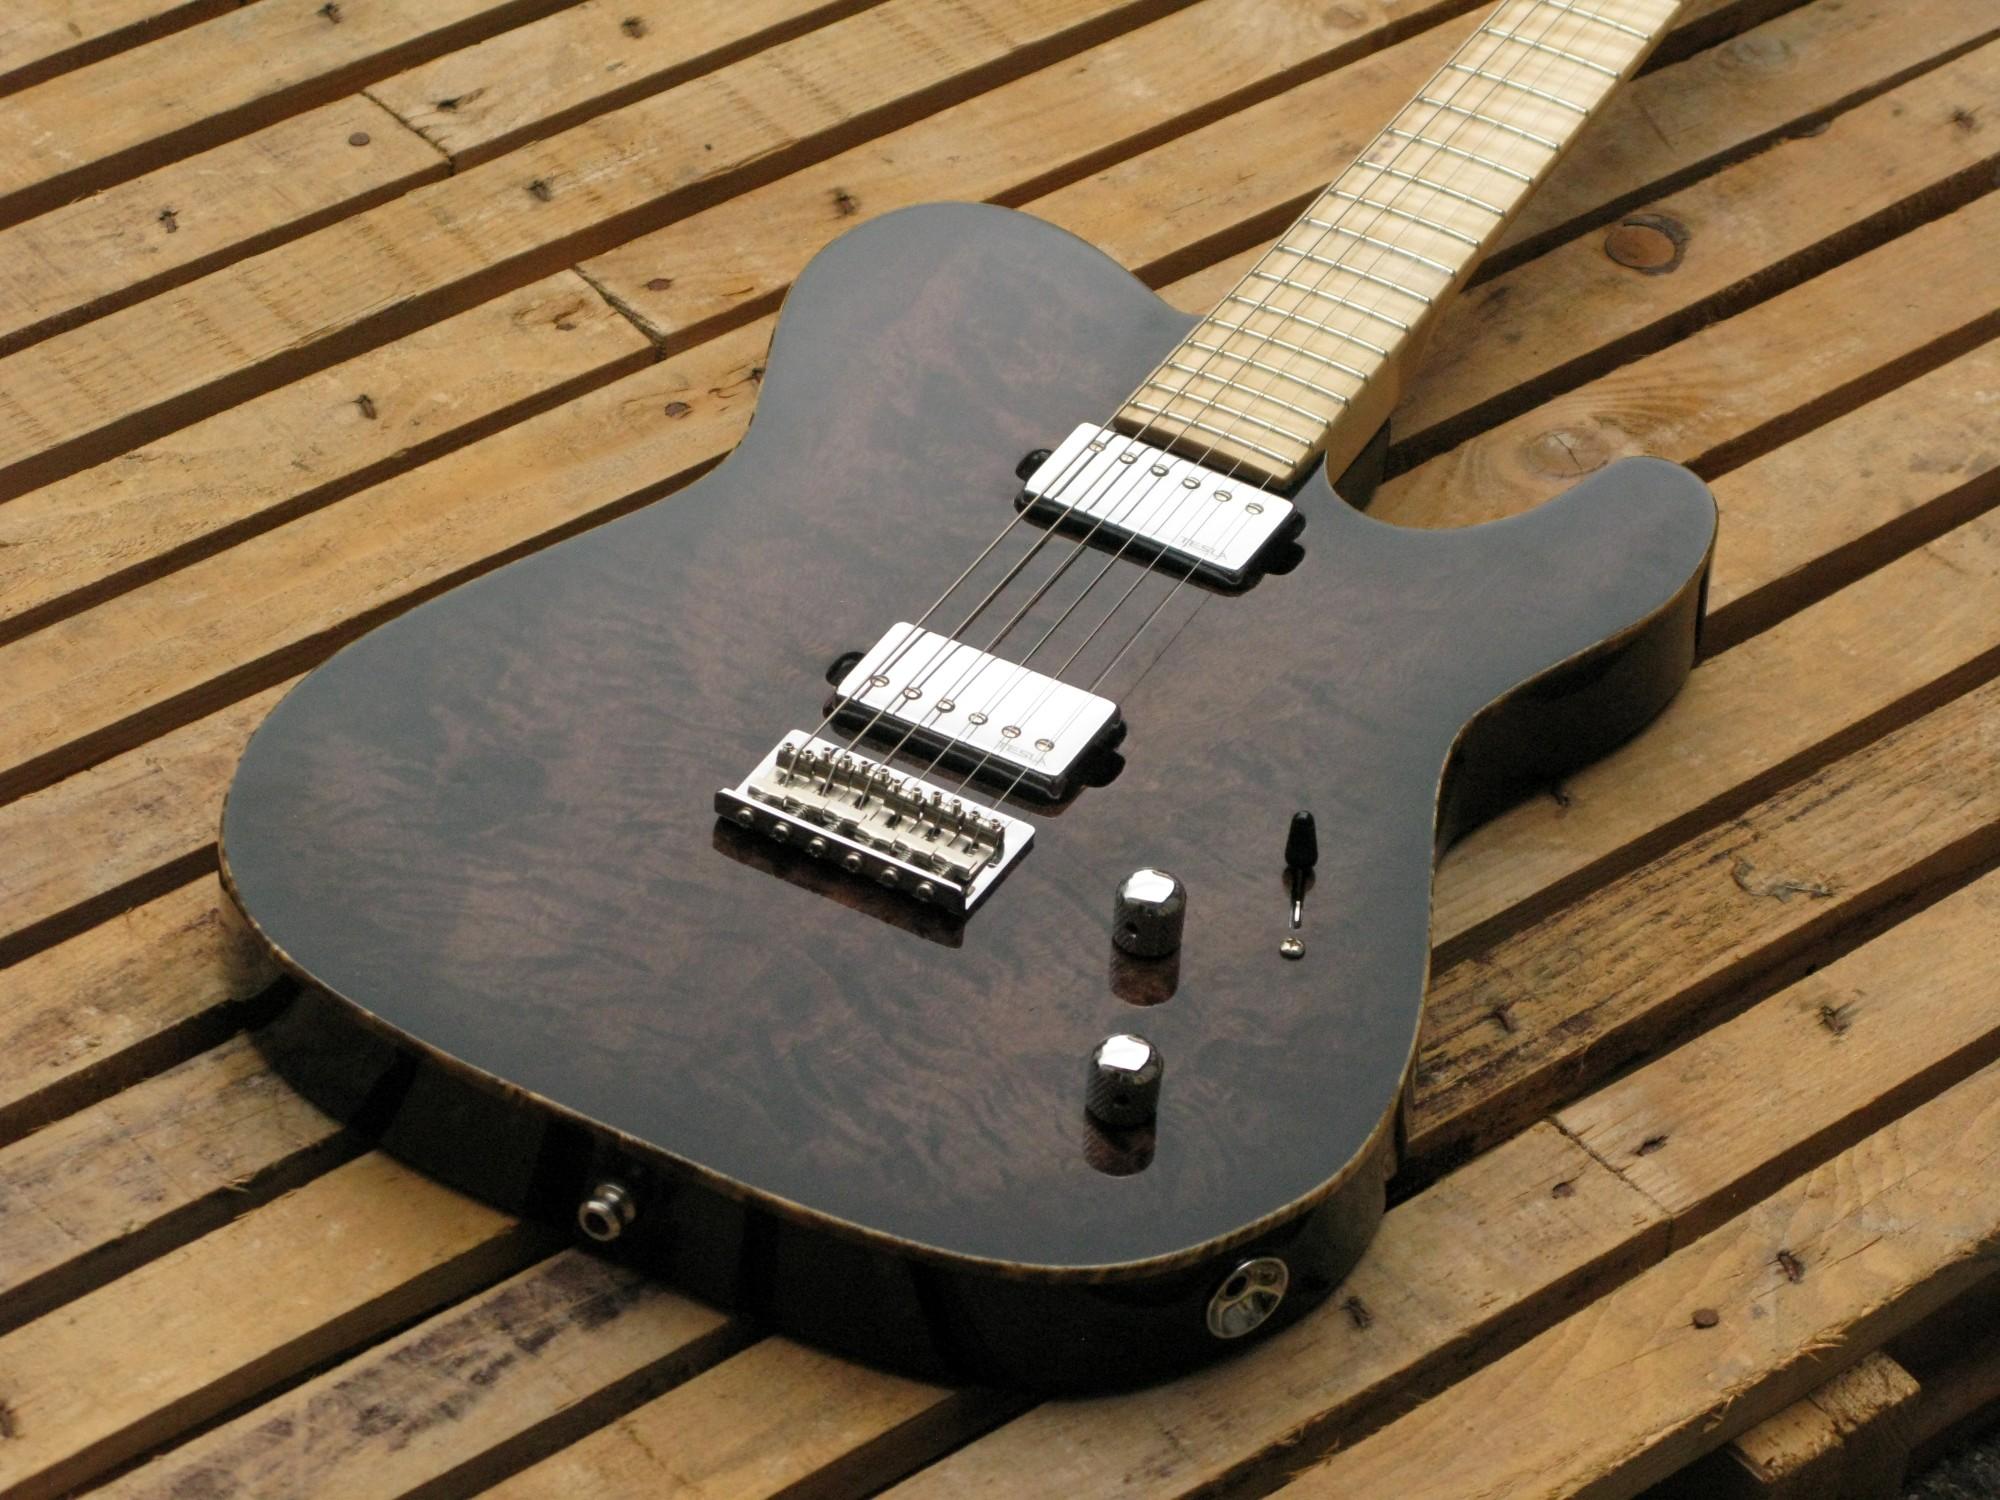 Chitarra elettrica telecaster in pioppo con manico in acero